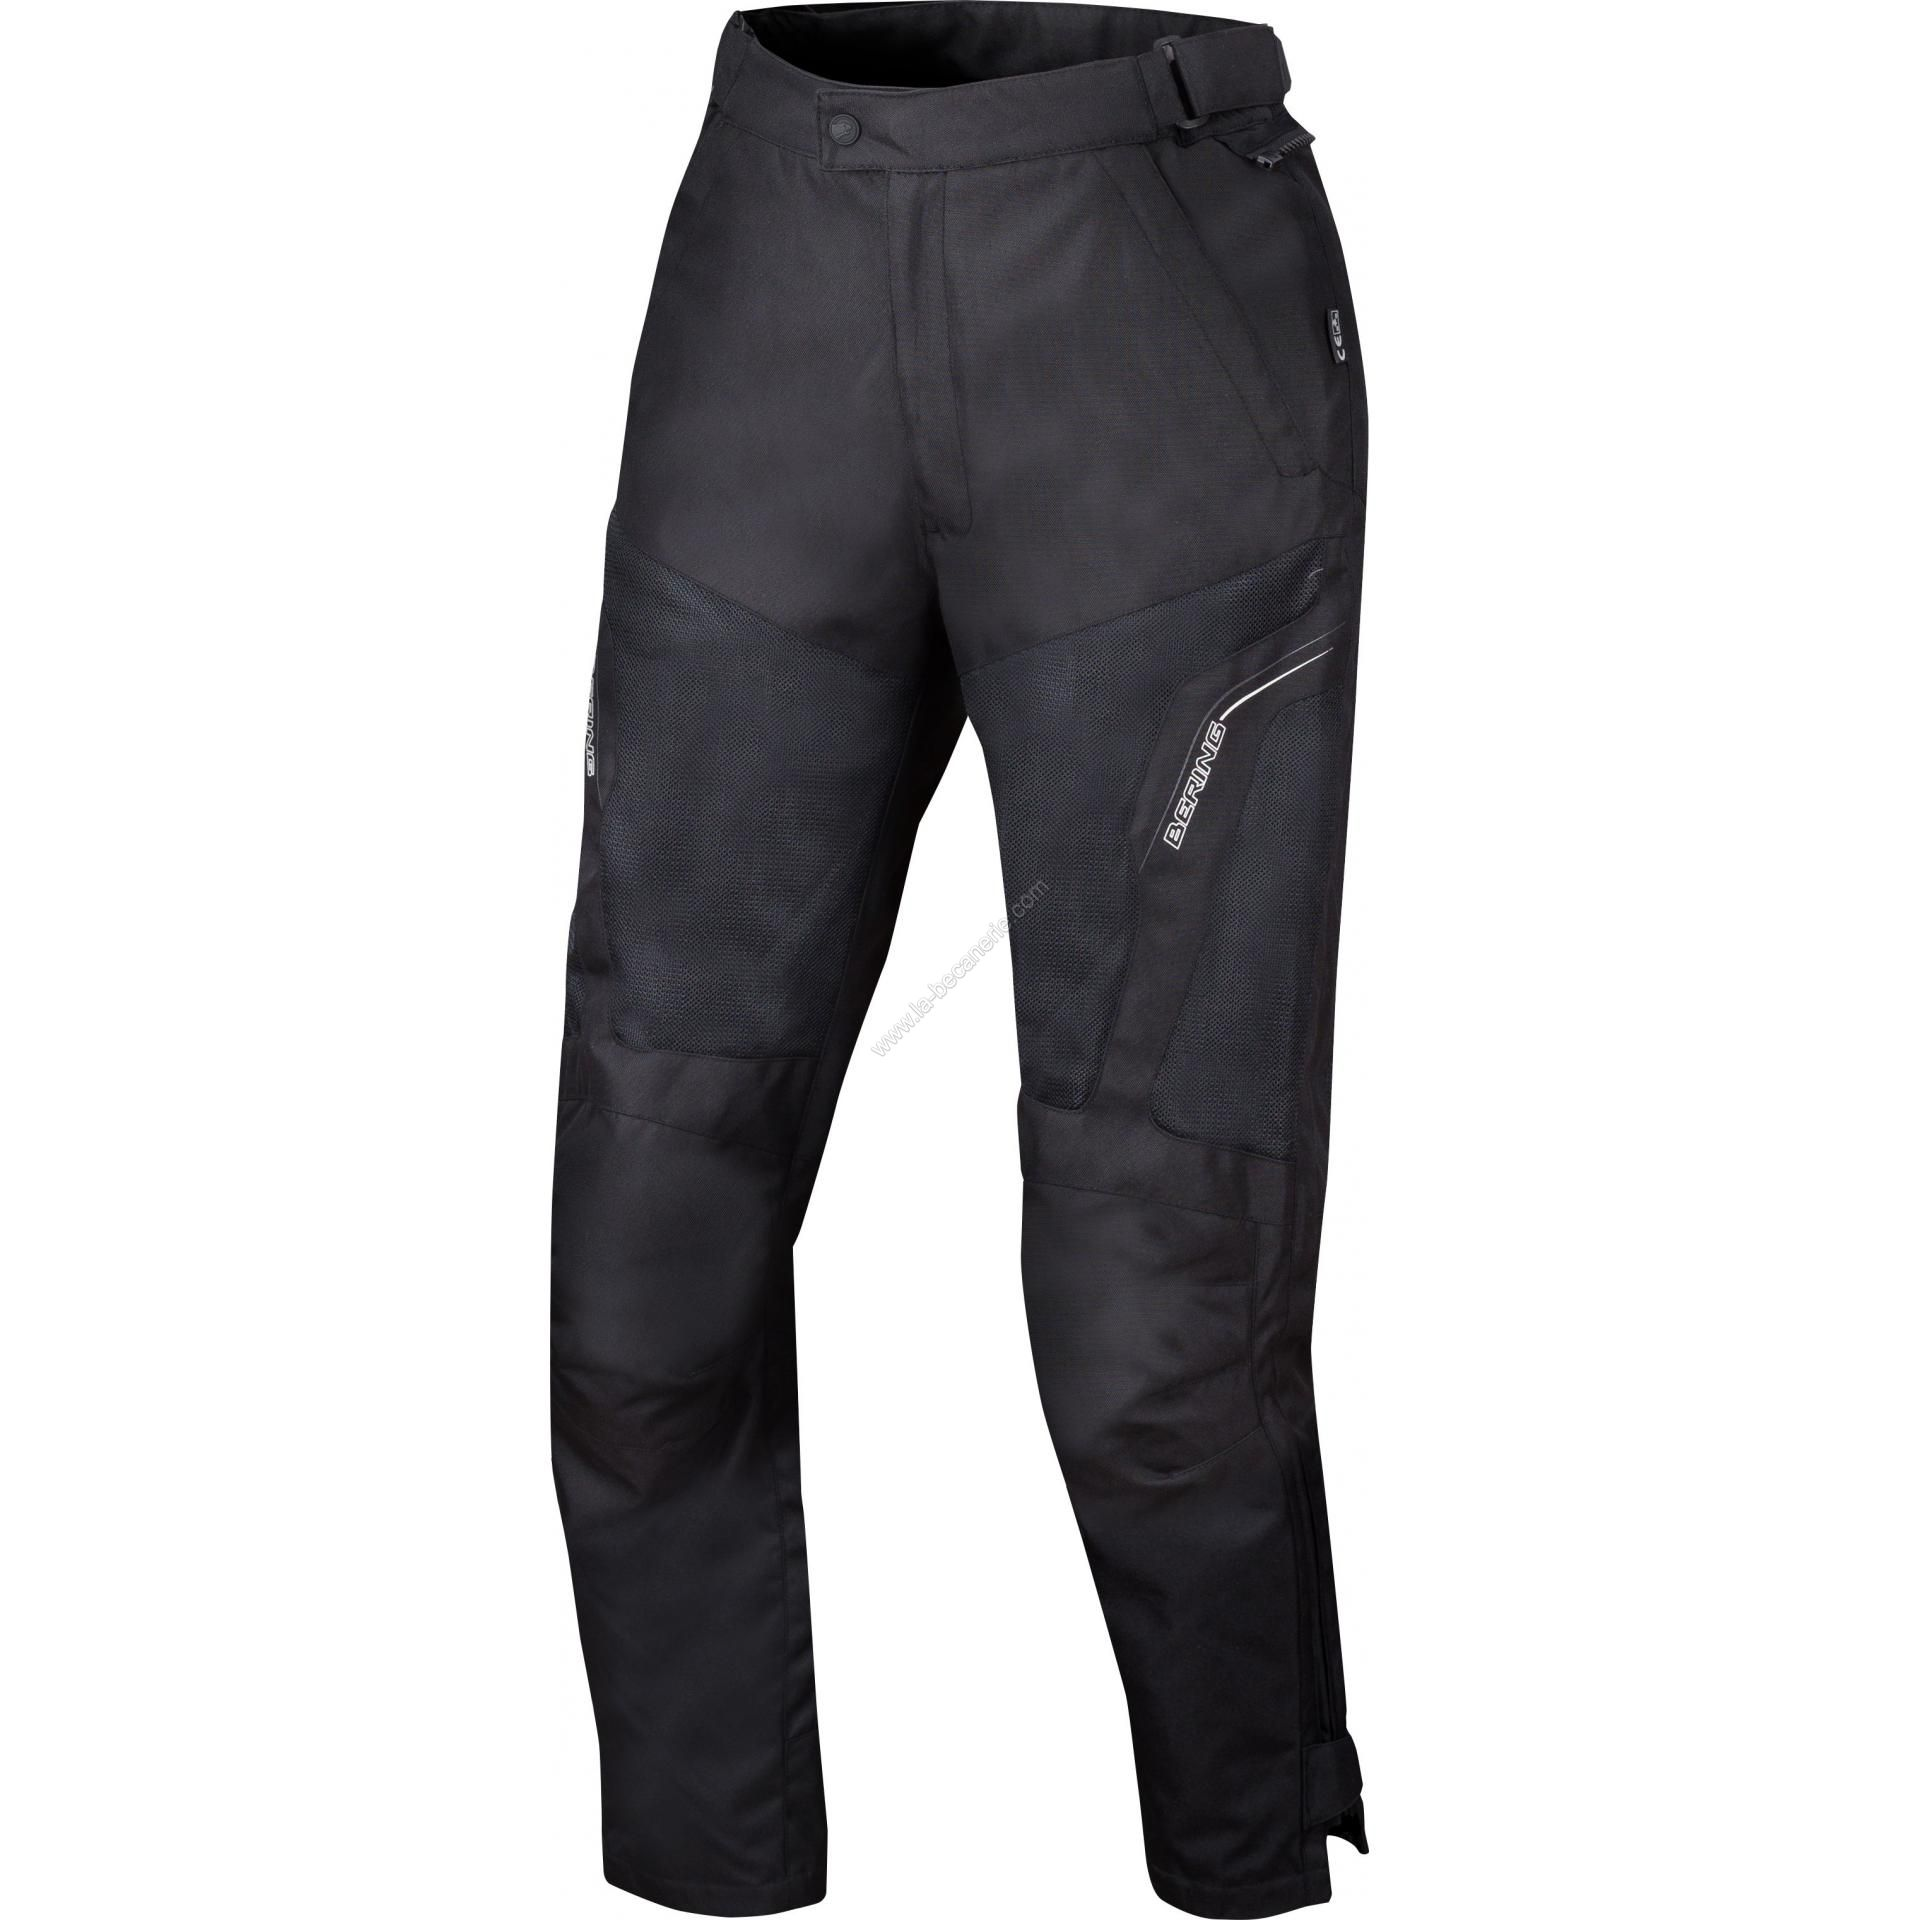 Cancun Lady Textile Noir Femme Équipement Bering Pantalon Route SqIwB7Tqn